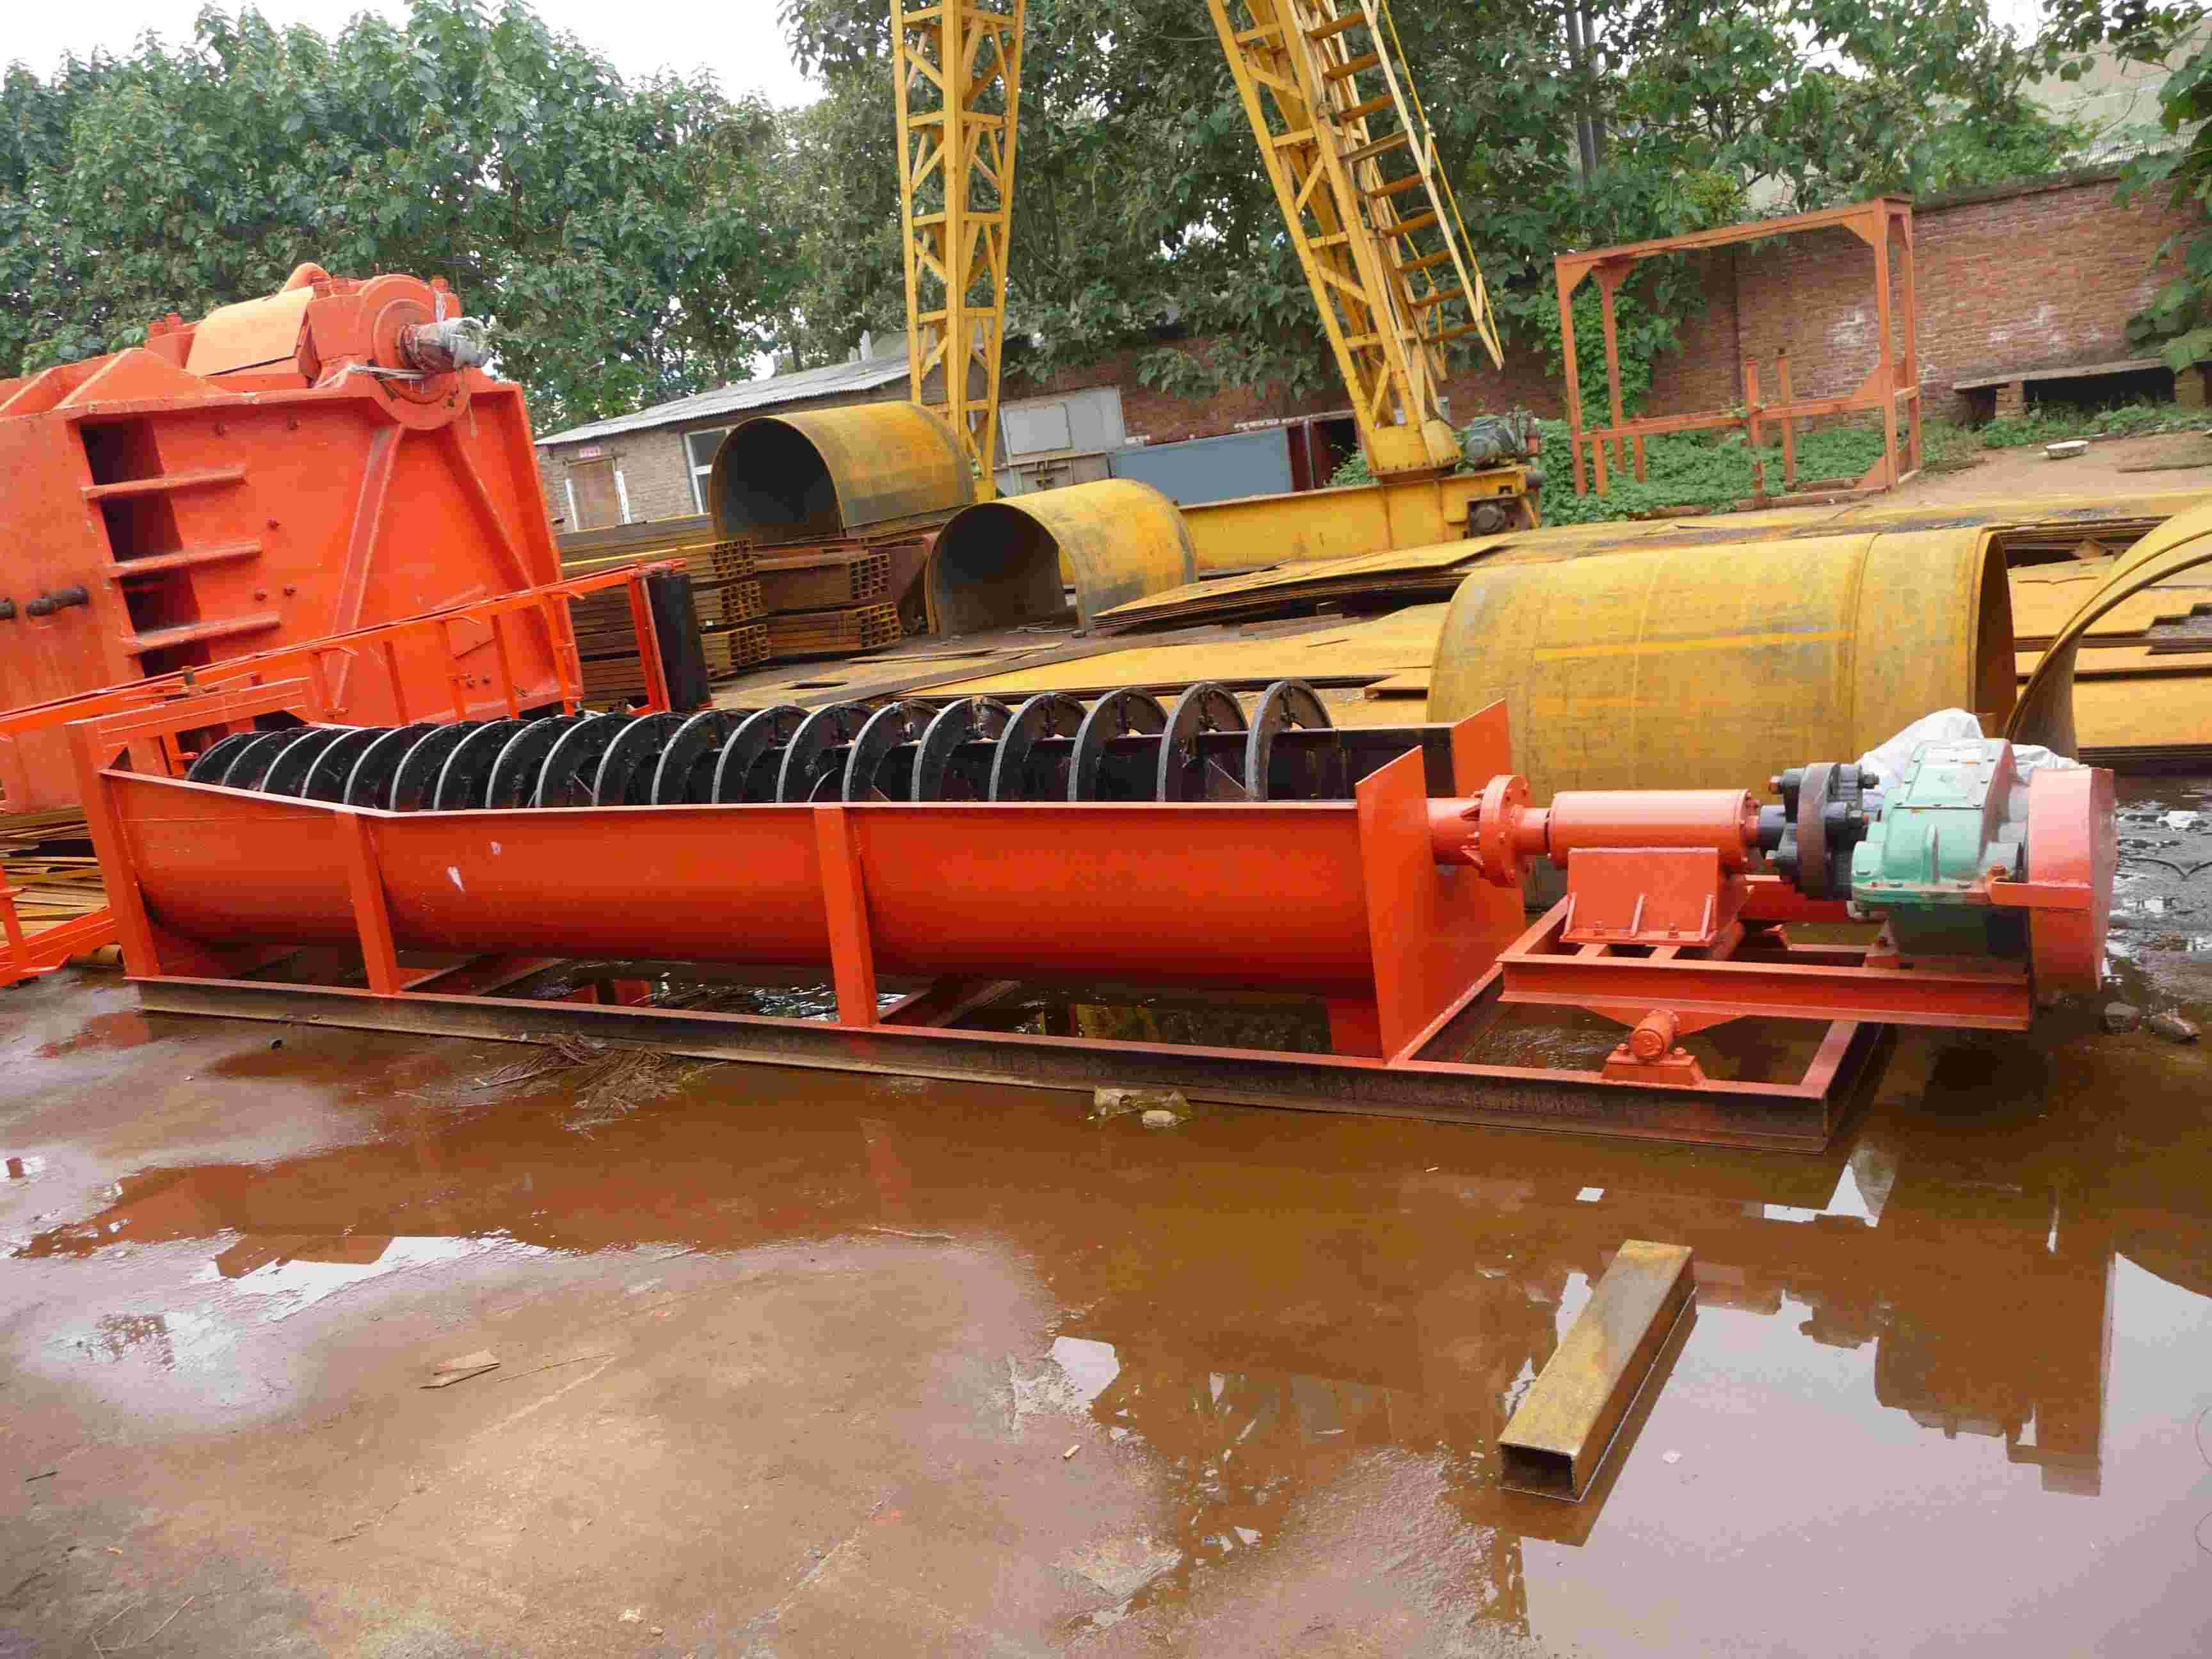 清洗海砂设备装车完成,发往辽宁葫芦岛!